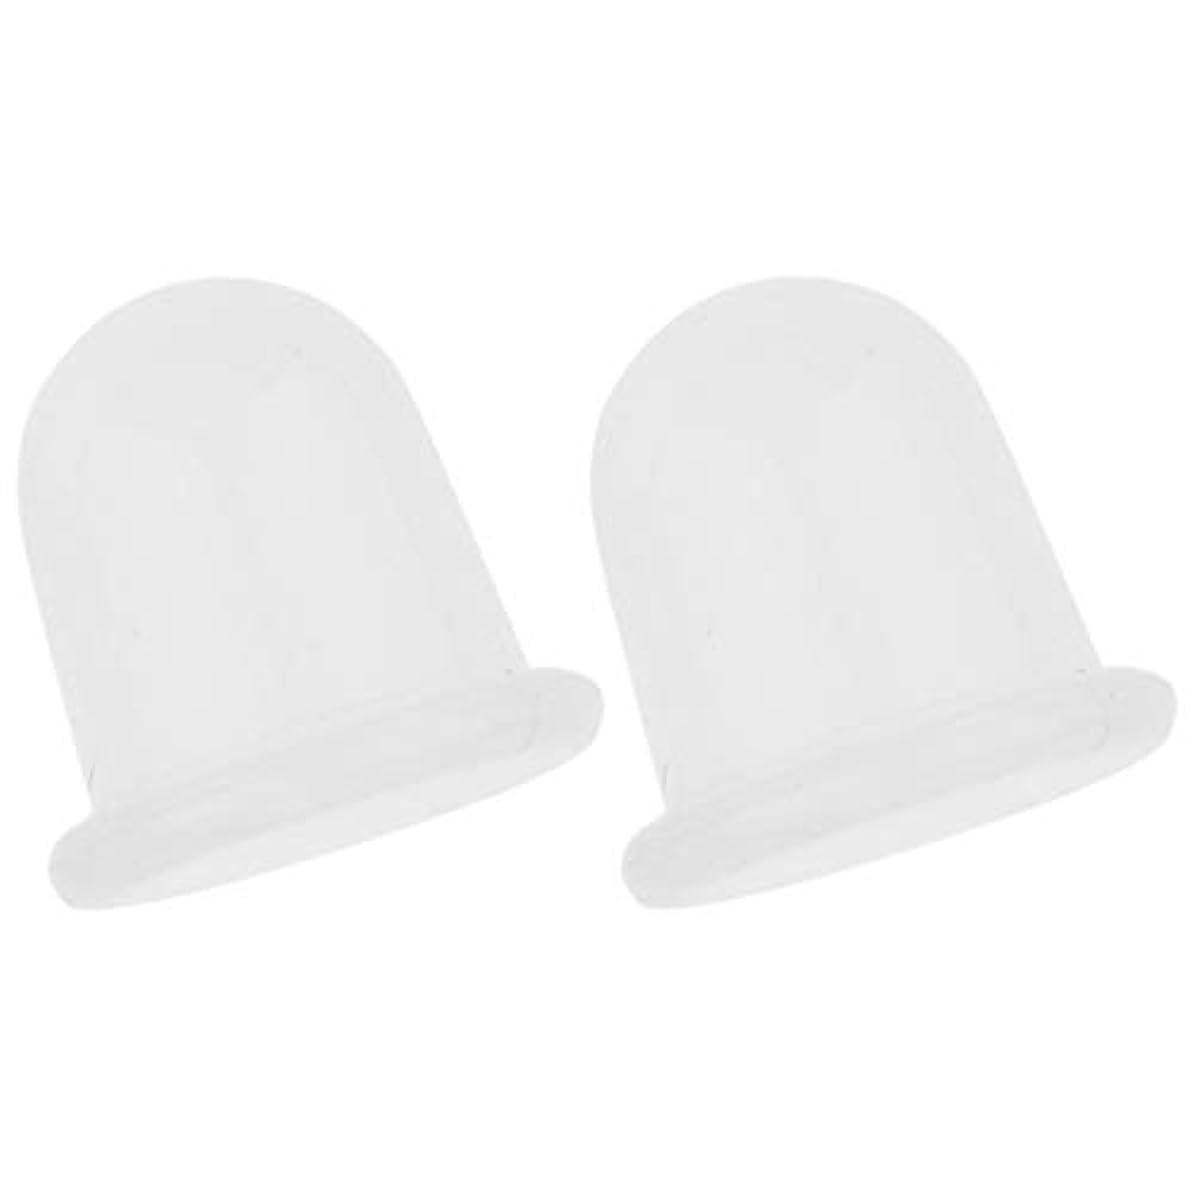 限り敬意を表する燃やすsharprepublic ボディー ビューティーストレス 空カップ 吸い玉 真空カッピングカップ 持ち運び 可能 汎用 2個入り